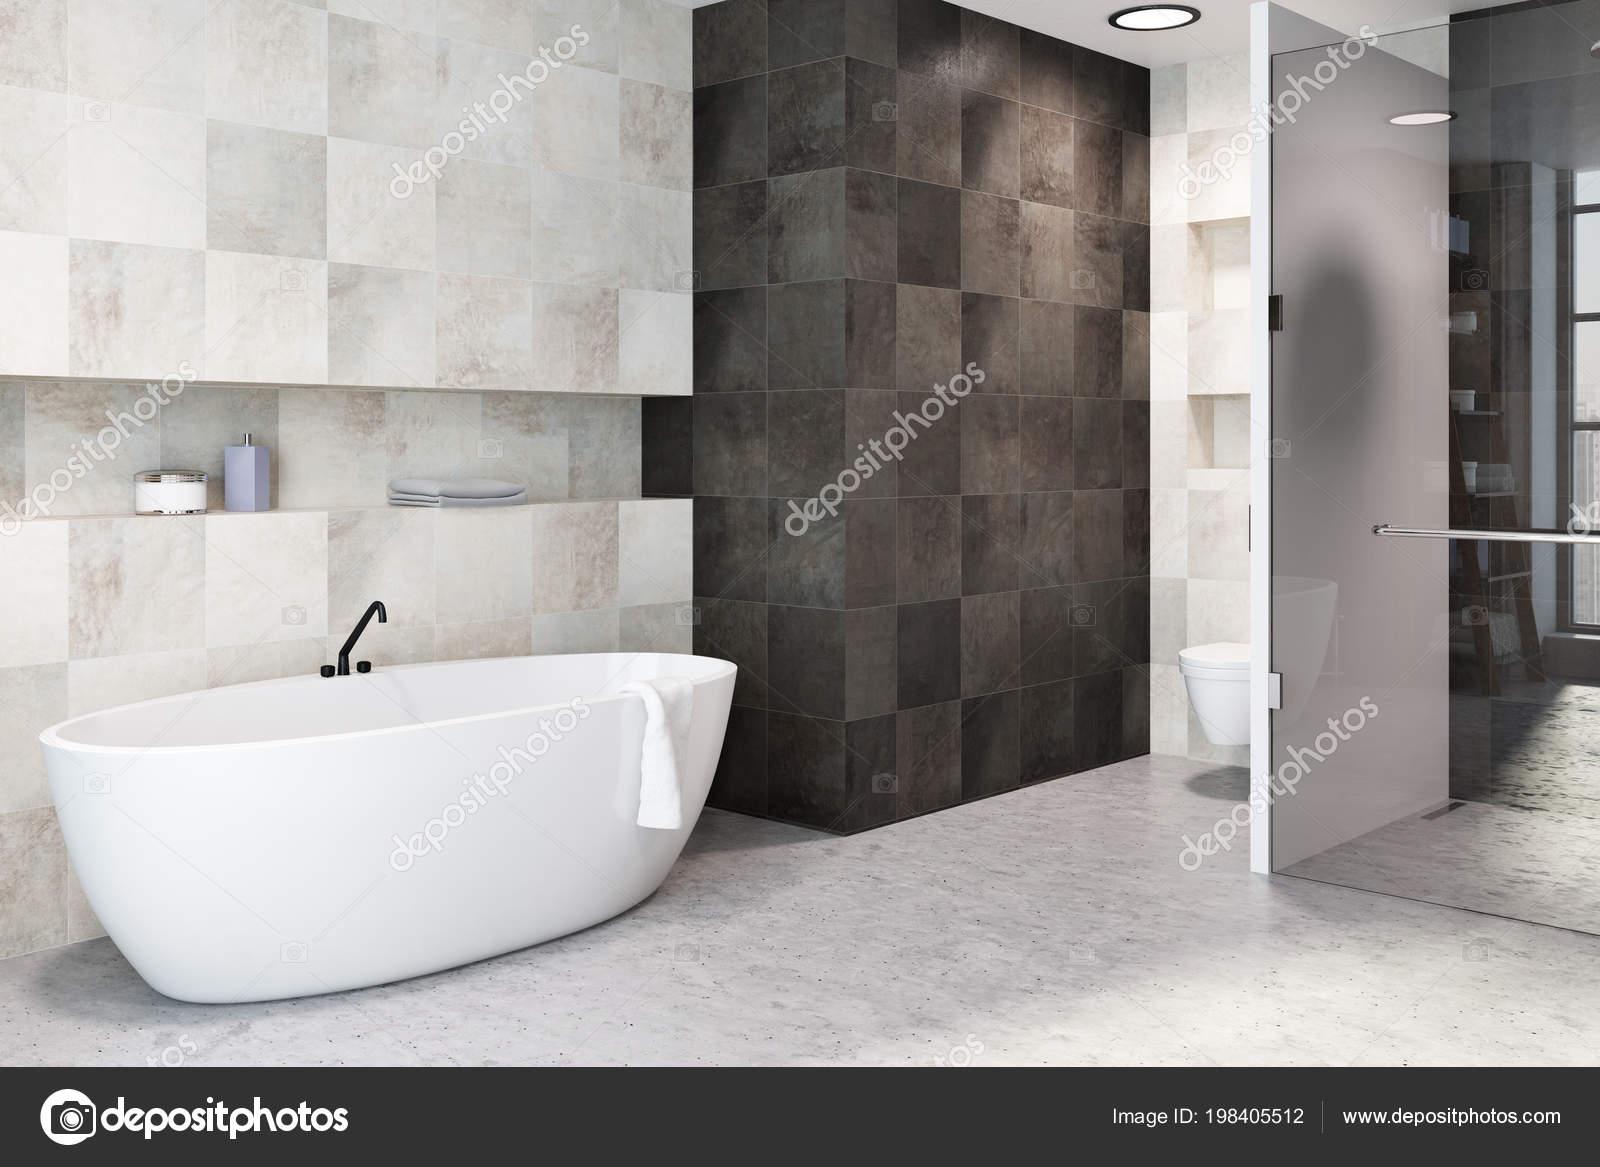 White Tiles Bathroom Interior Concrete Floor Large White Bathtub Toilet — Stock Photo